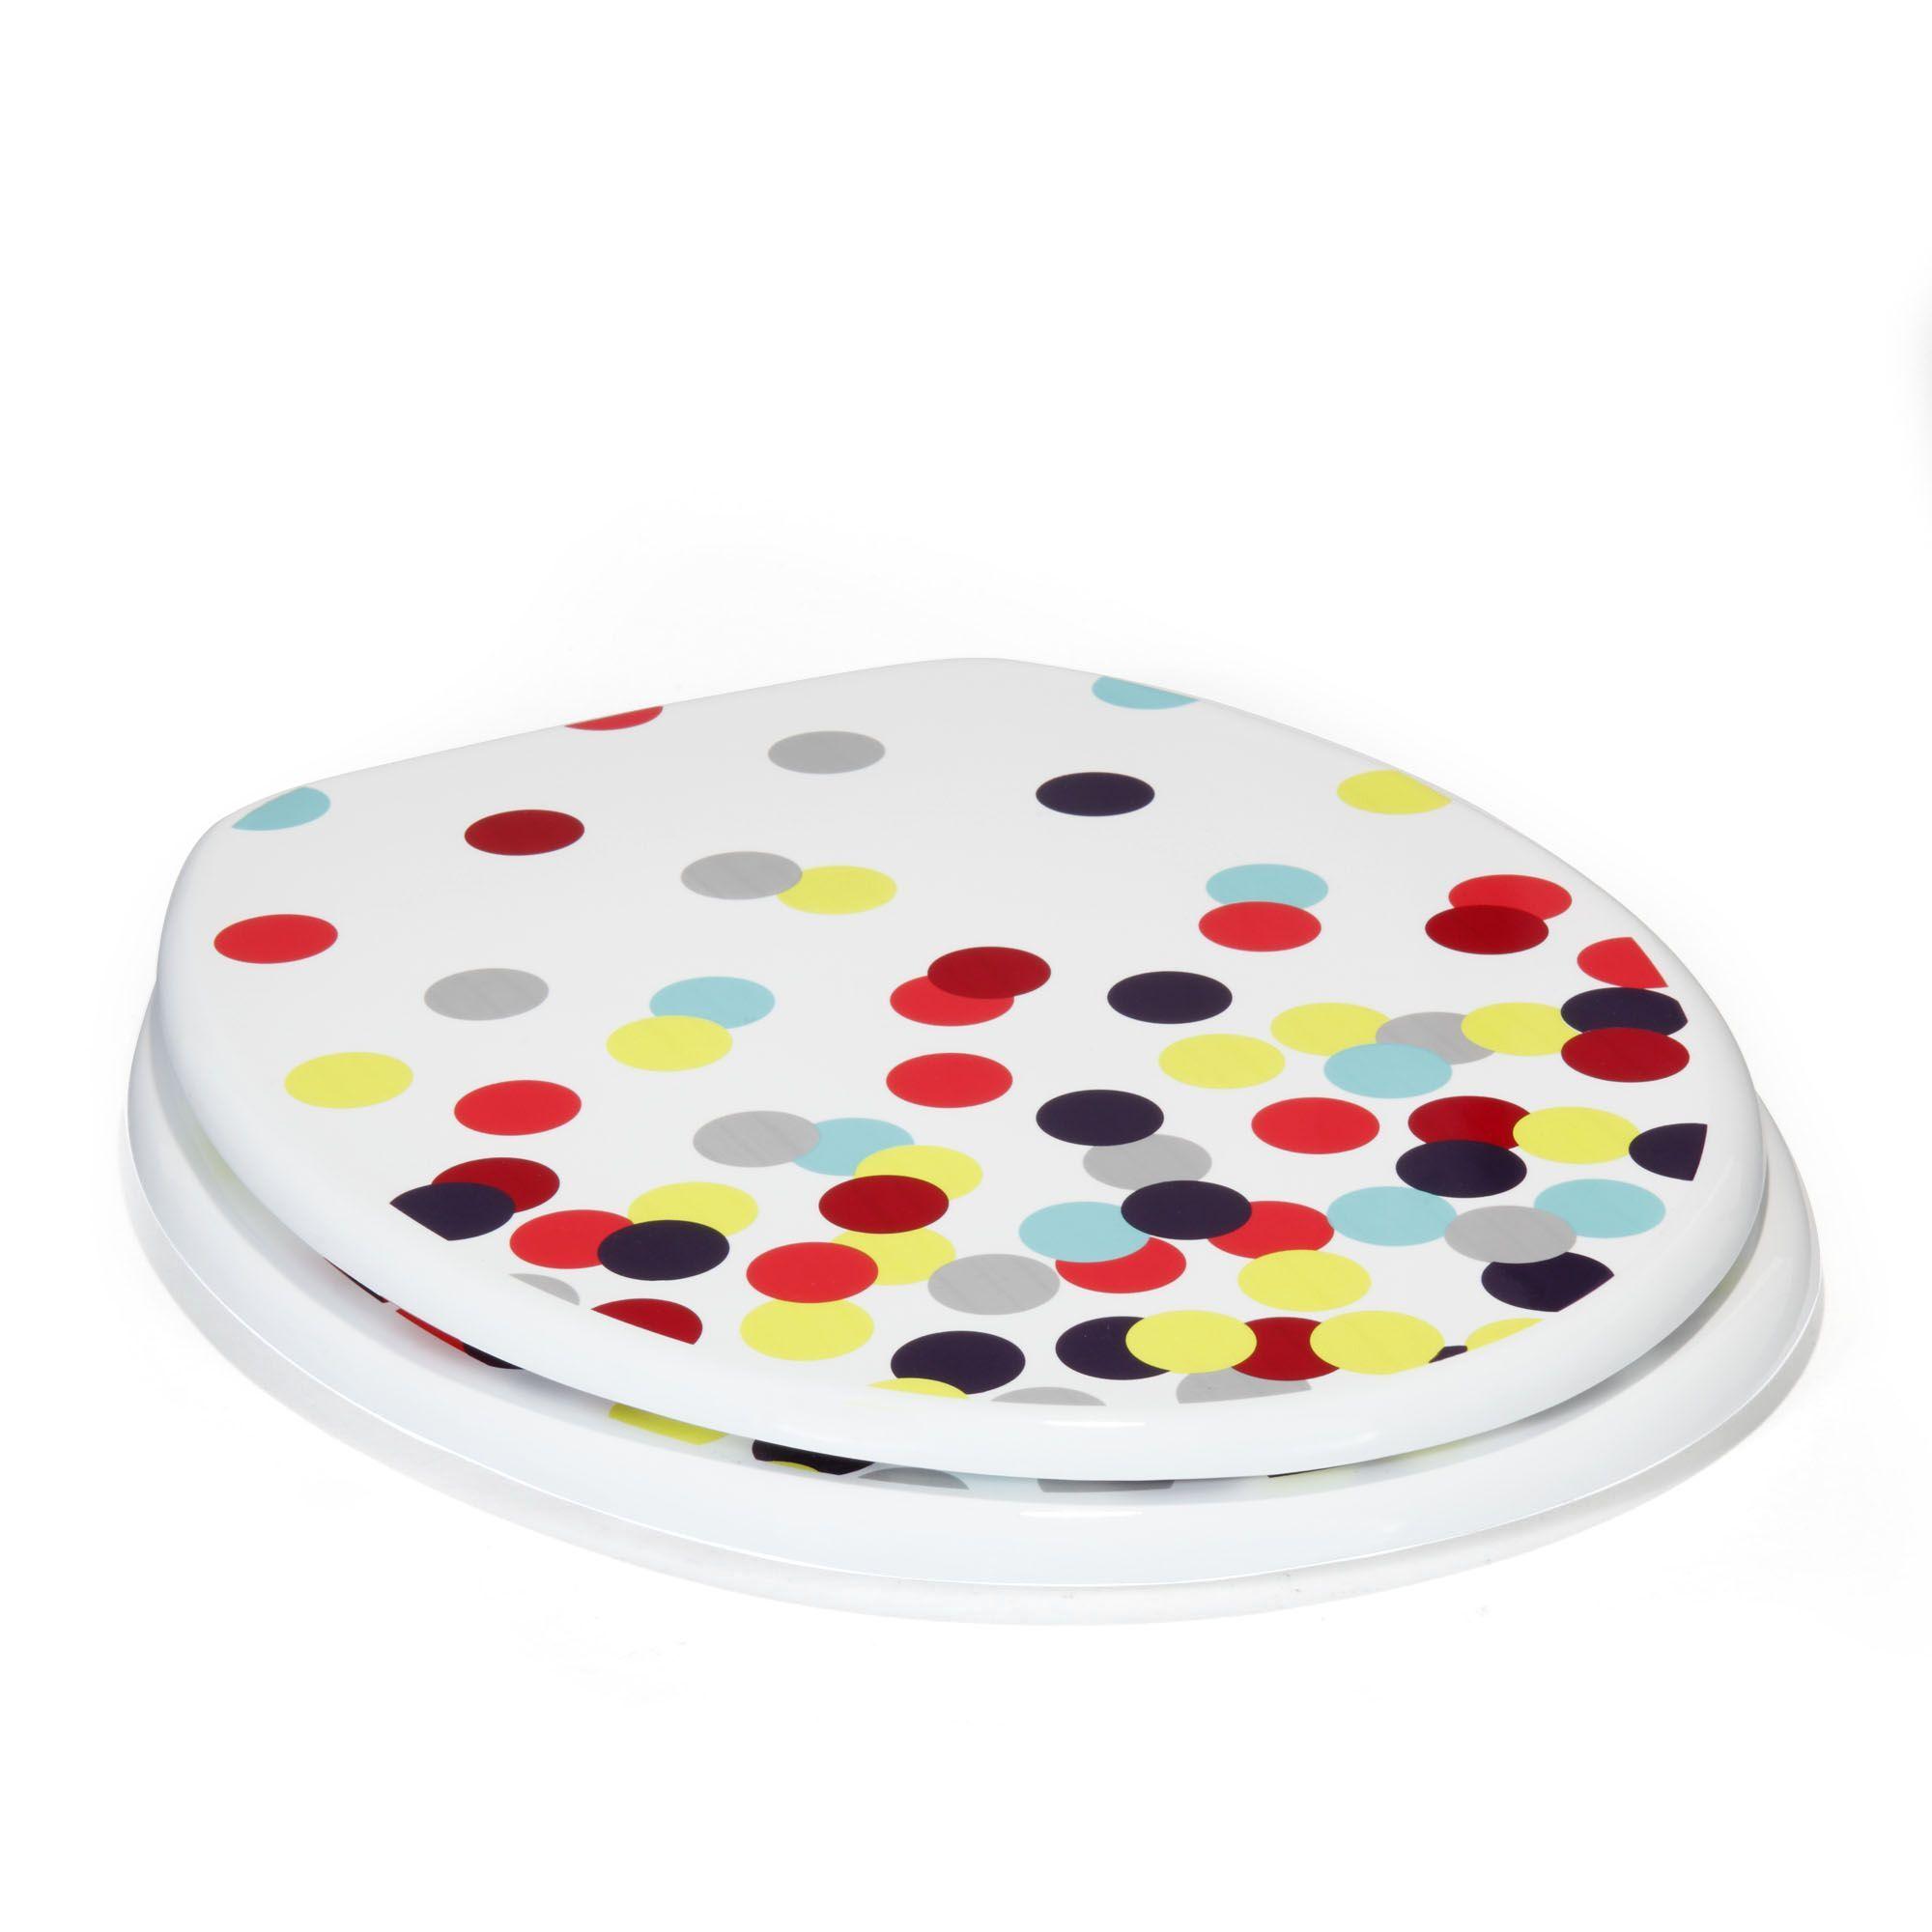 Oakland Salle De Bain ~ abattant wc multicolore confetti les abattants wc abattants et